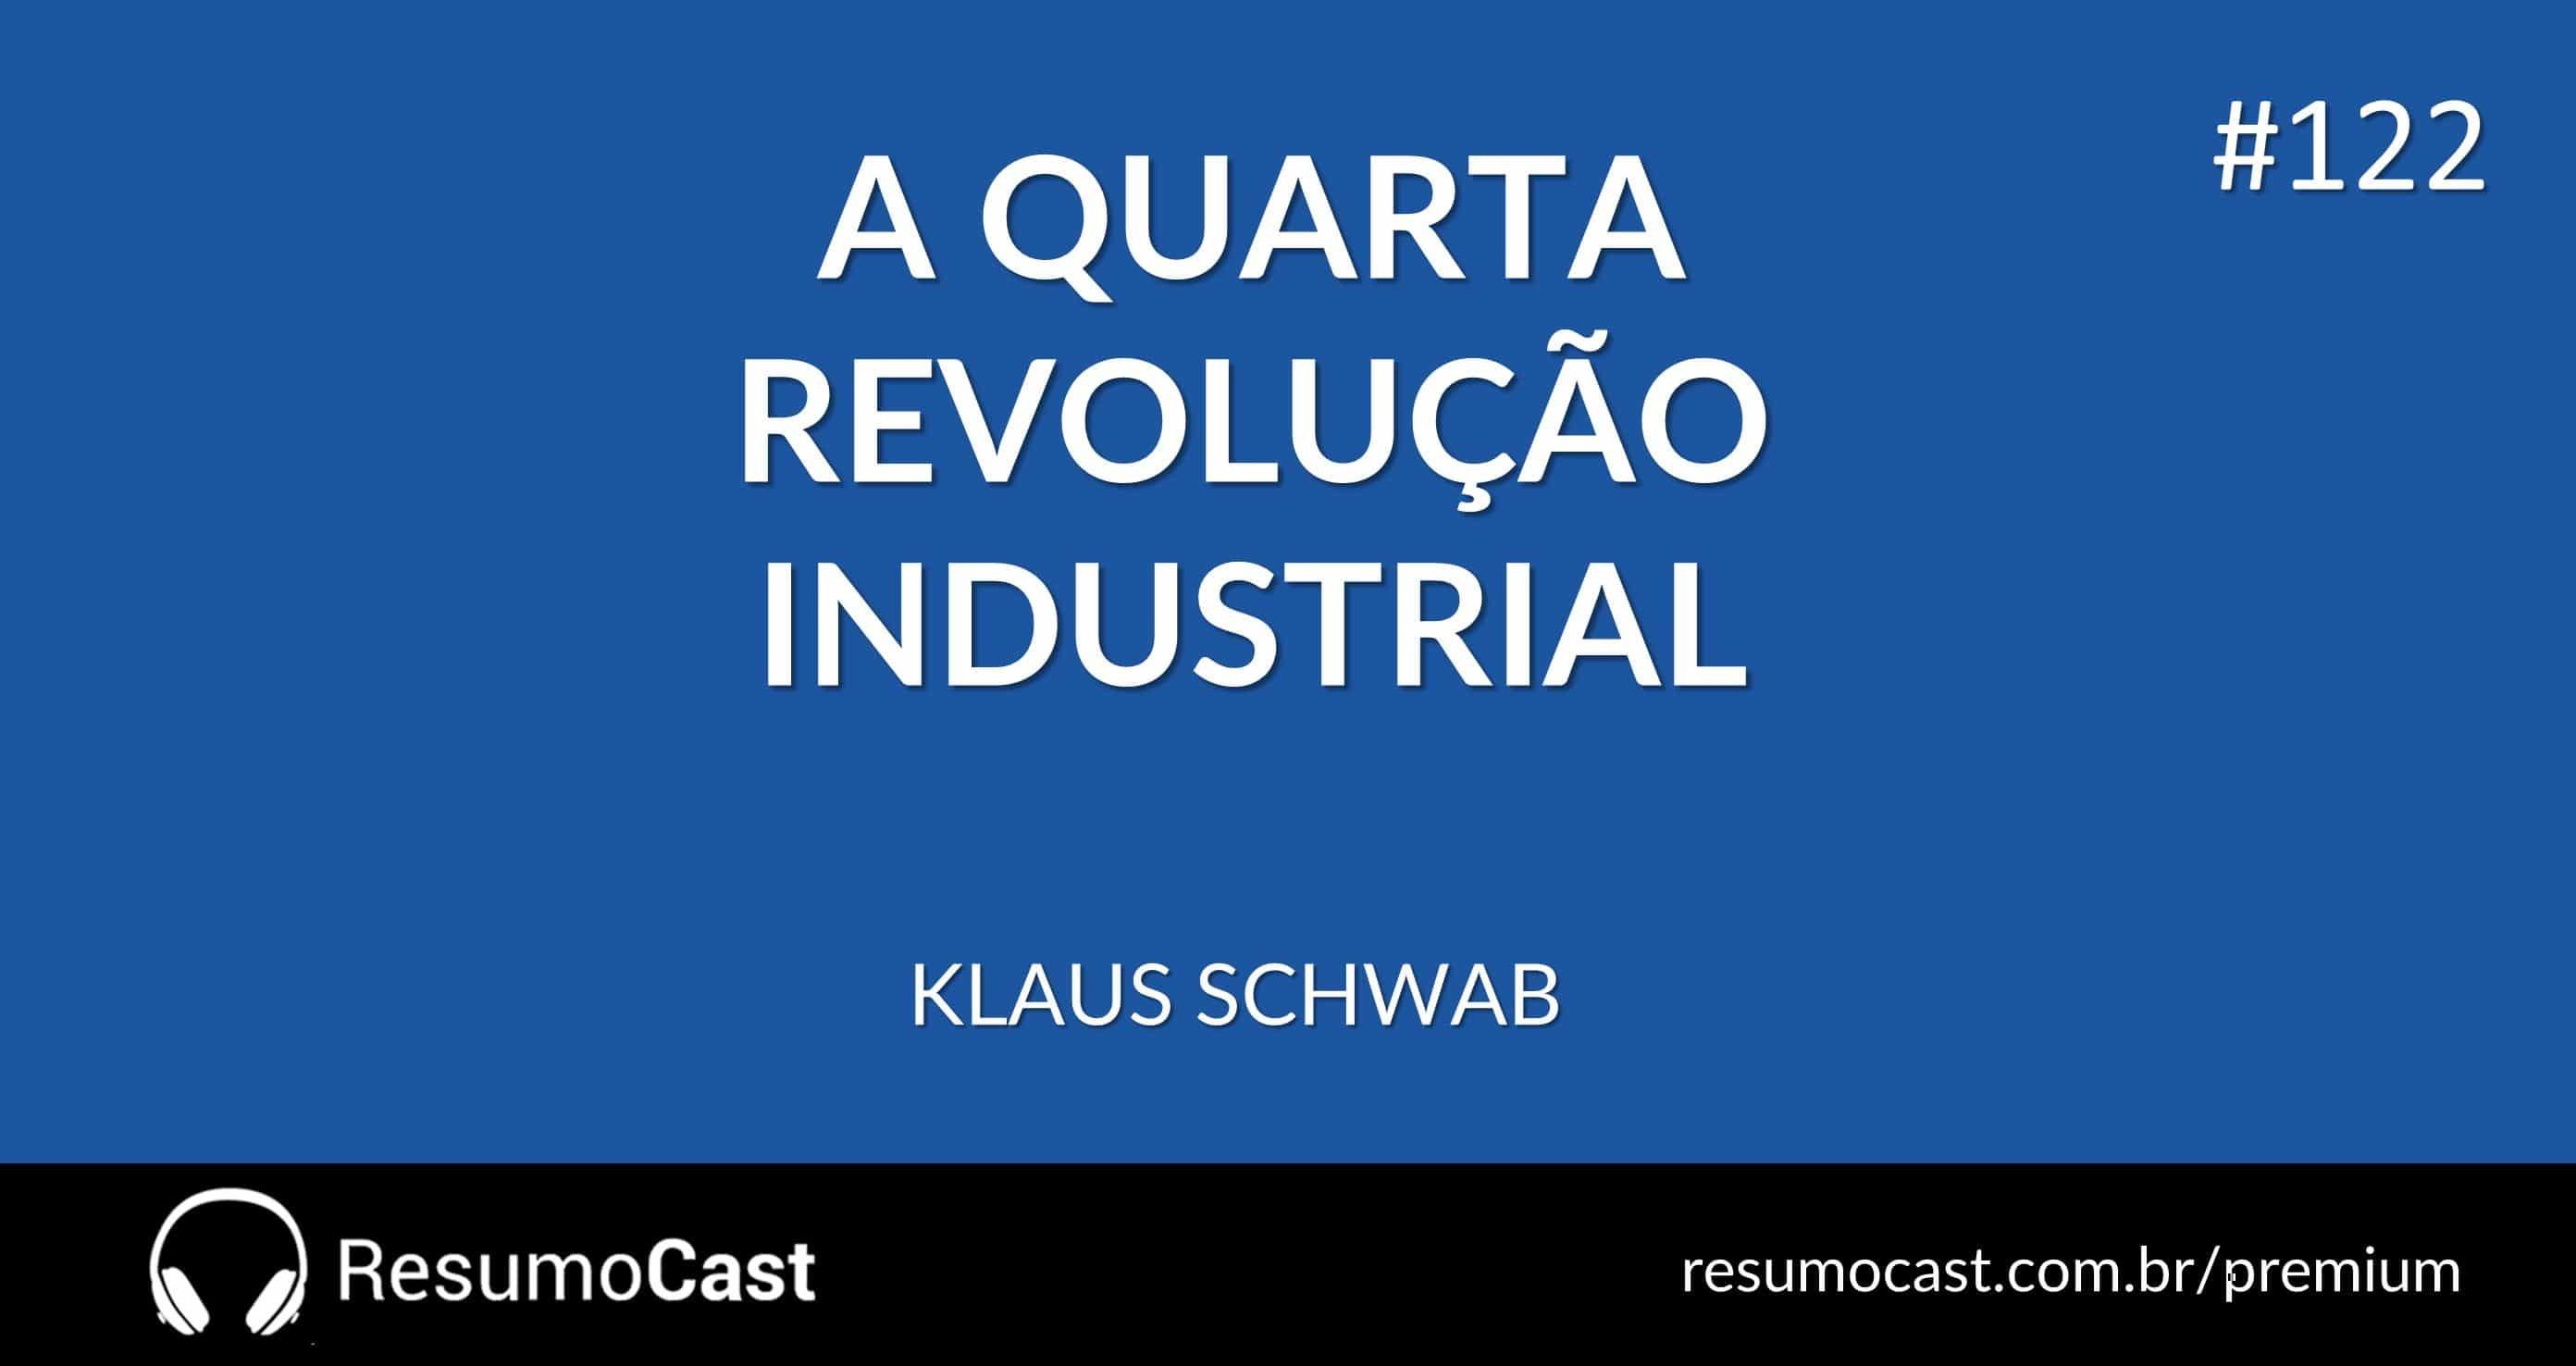 A Quarta Revolução Industrial – Klaus Schwab | T1#122